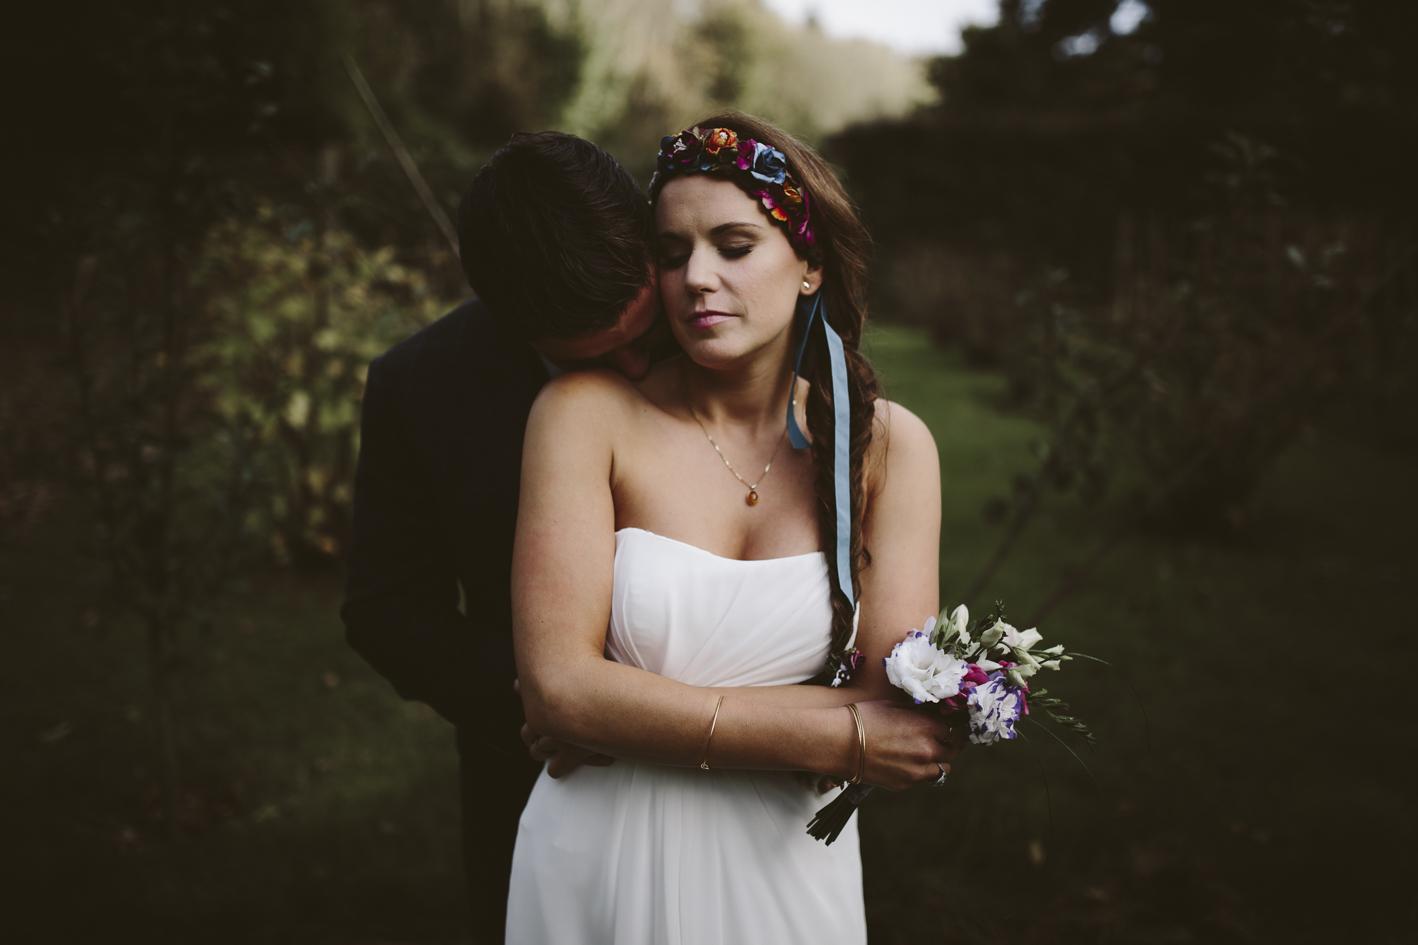 Wedding photographer Ireland Graciela Vilagudin 844.jpg